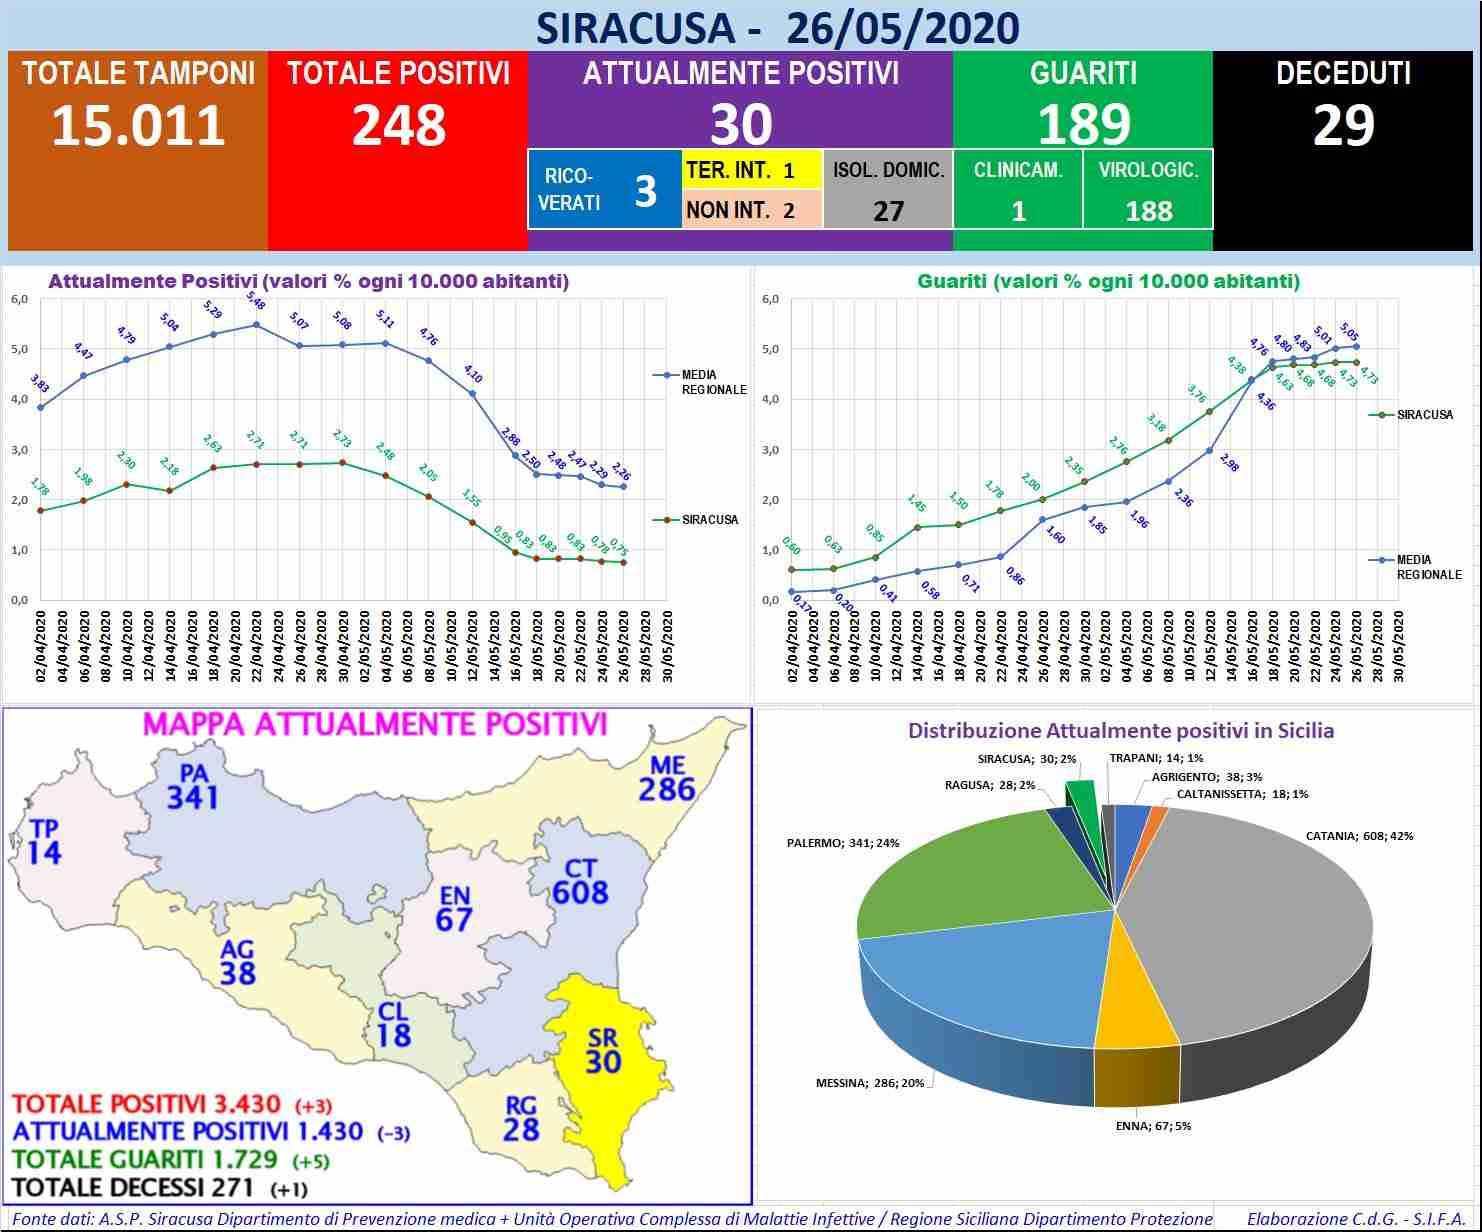 Coronavirus, i dati della Provincia di Siracusa: restano 30 i casi positivi